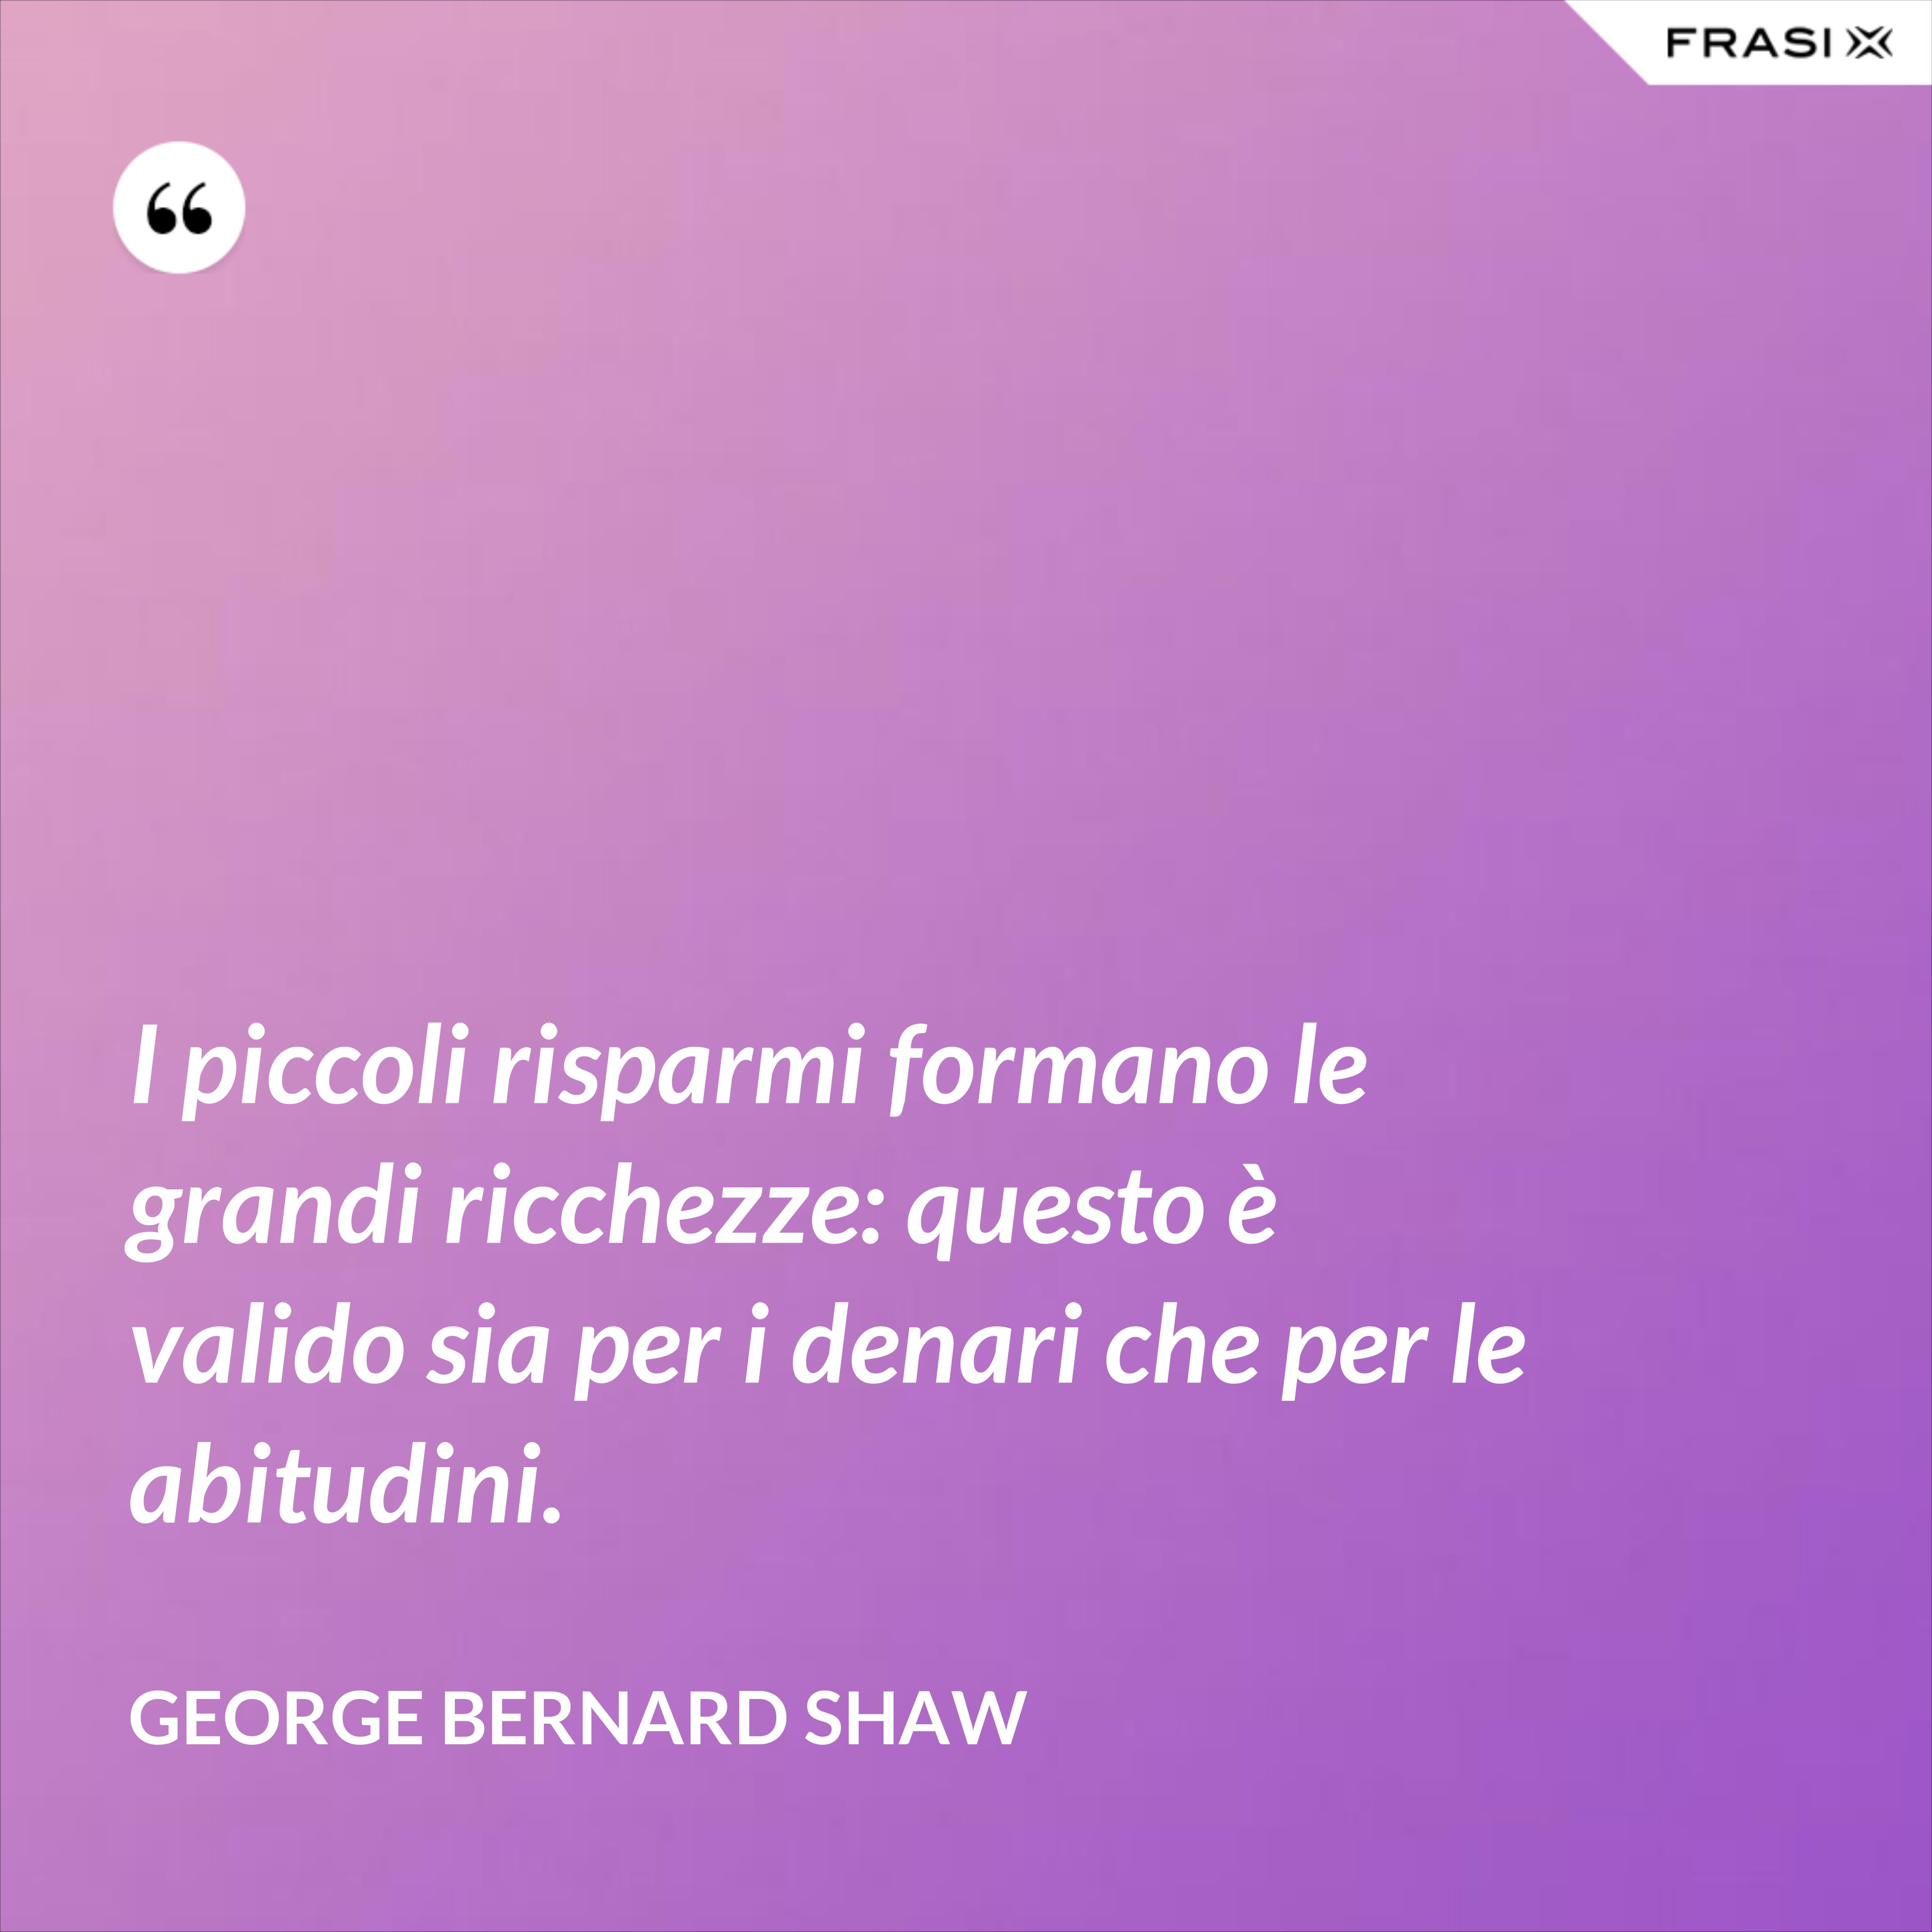 I piccoli risparmi formano le grandi ricchezze: questo è valido sia per i denari che per le abitudini. - George Bernard Shaw